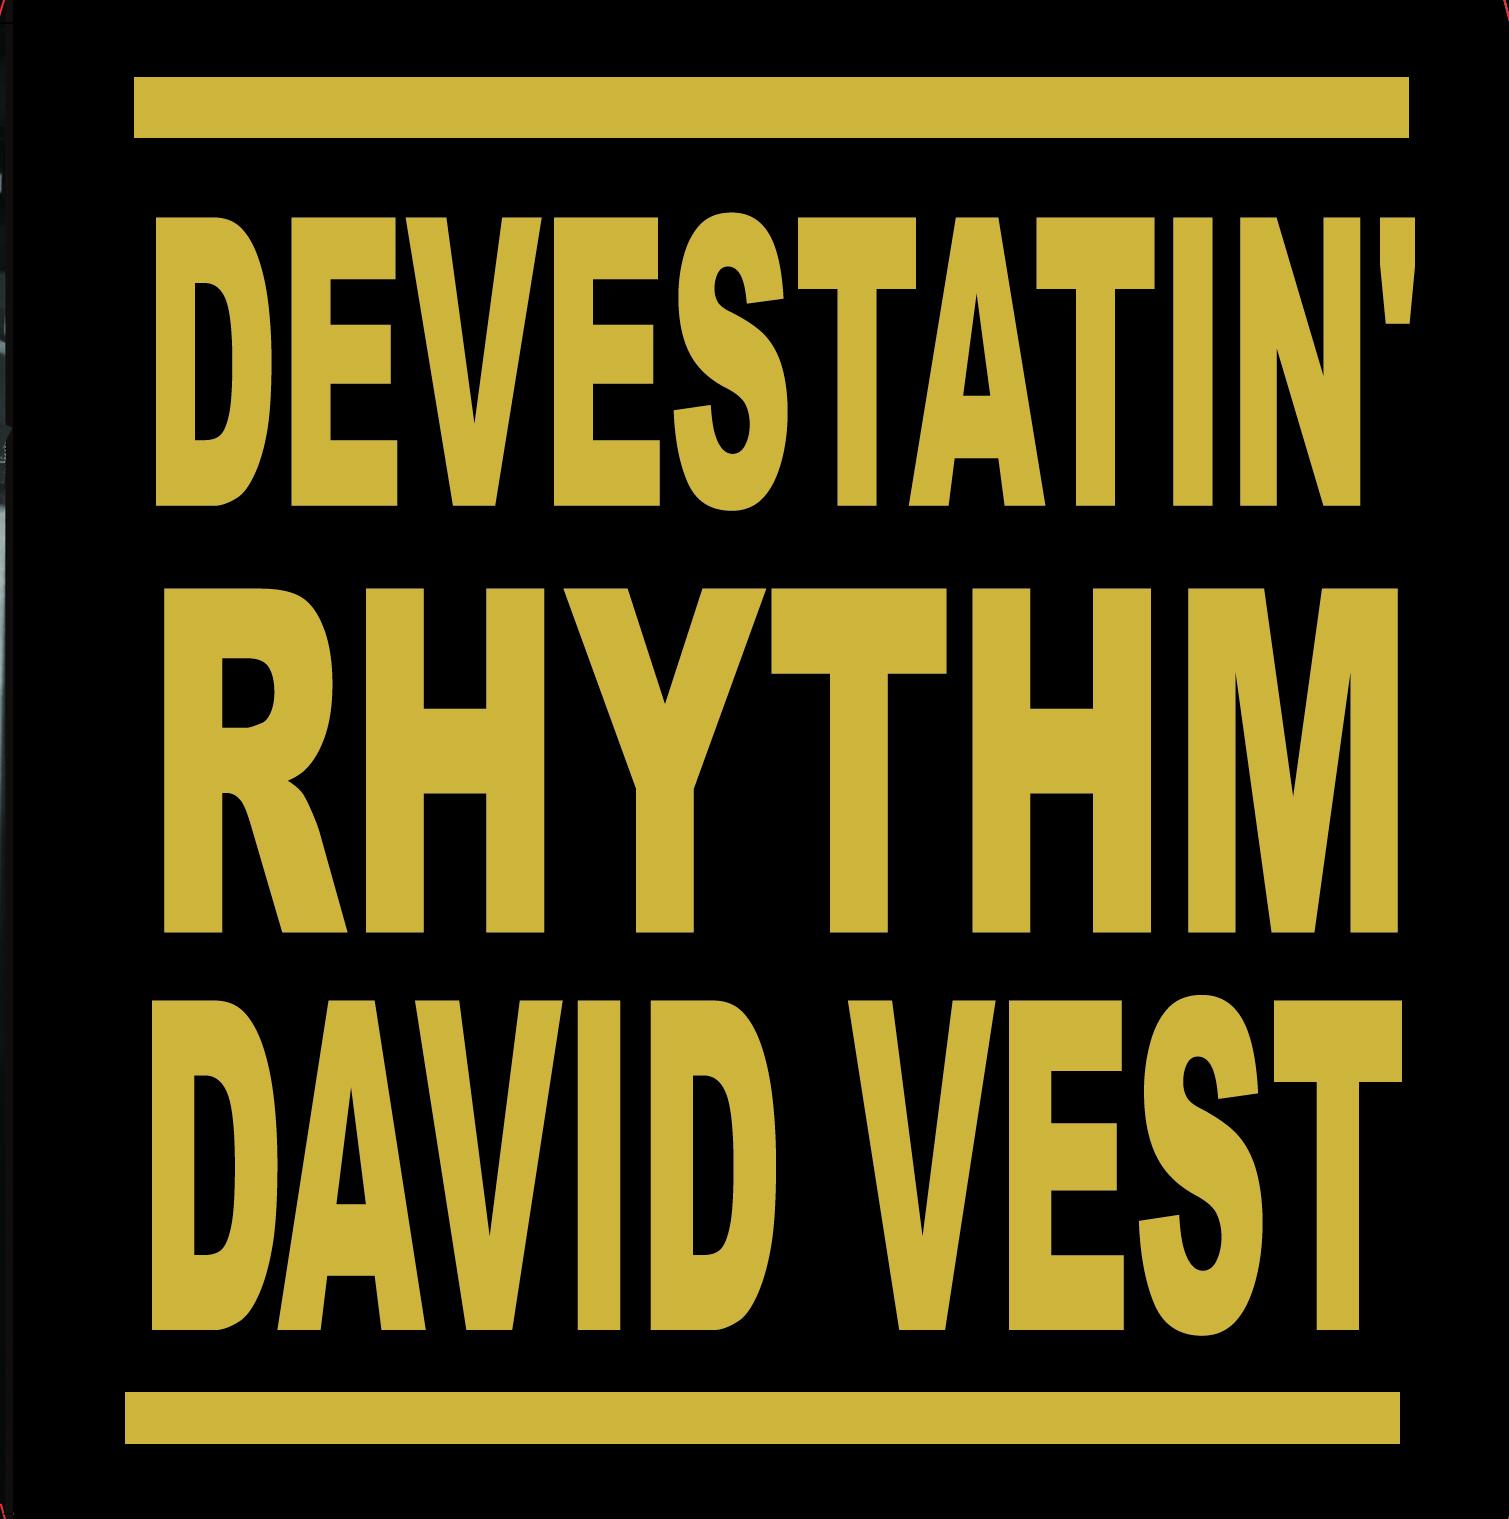 Devestatin' Rhythm